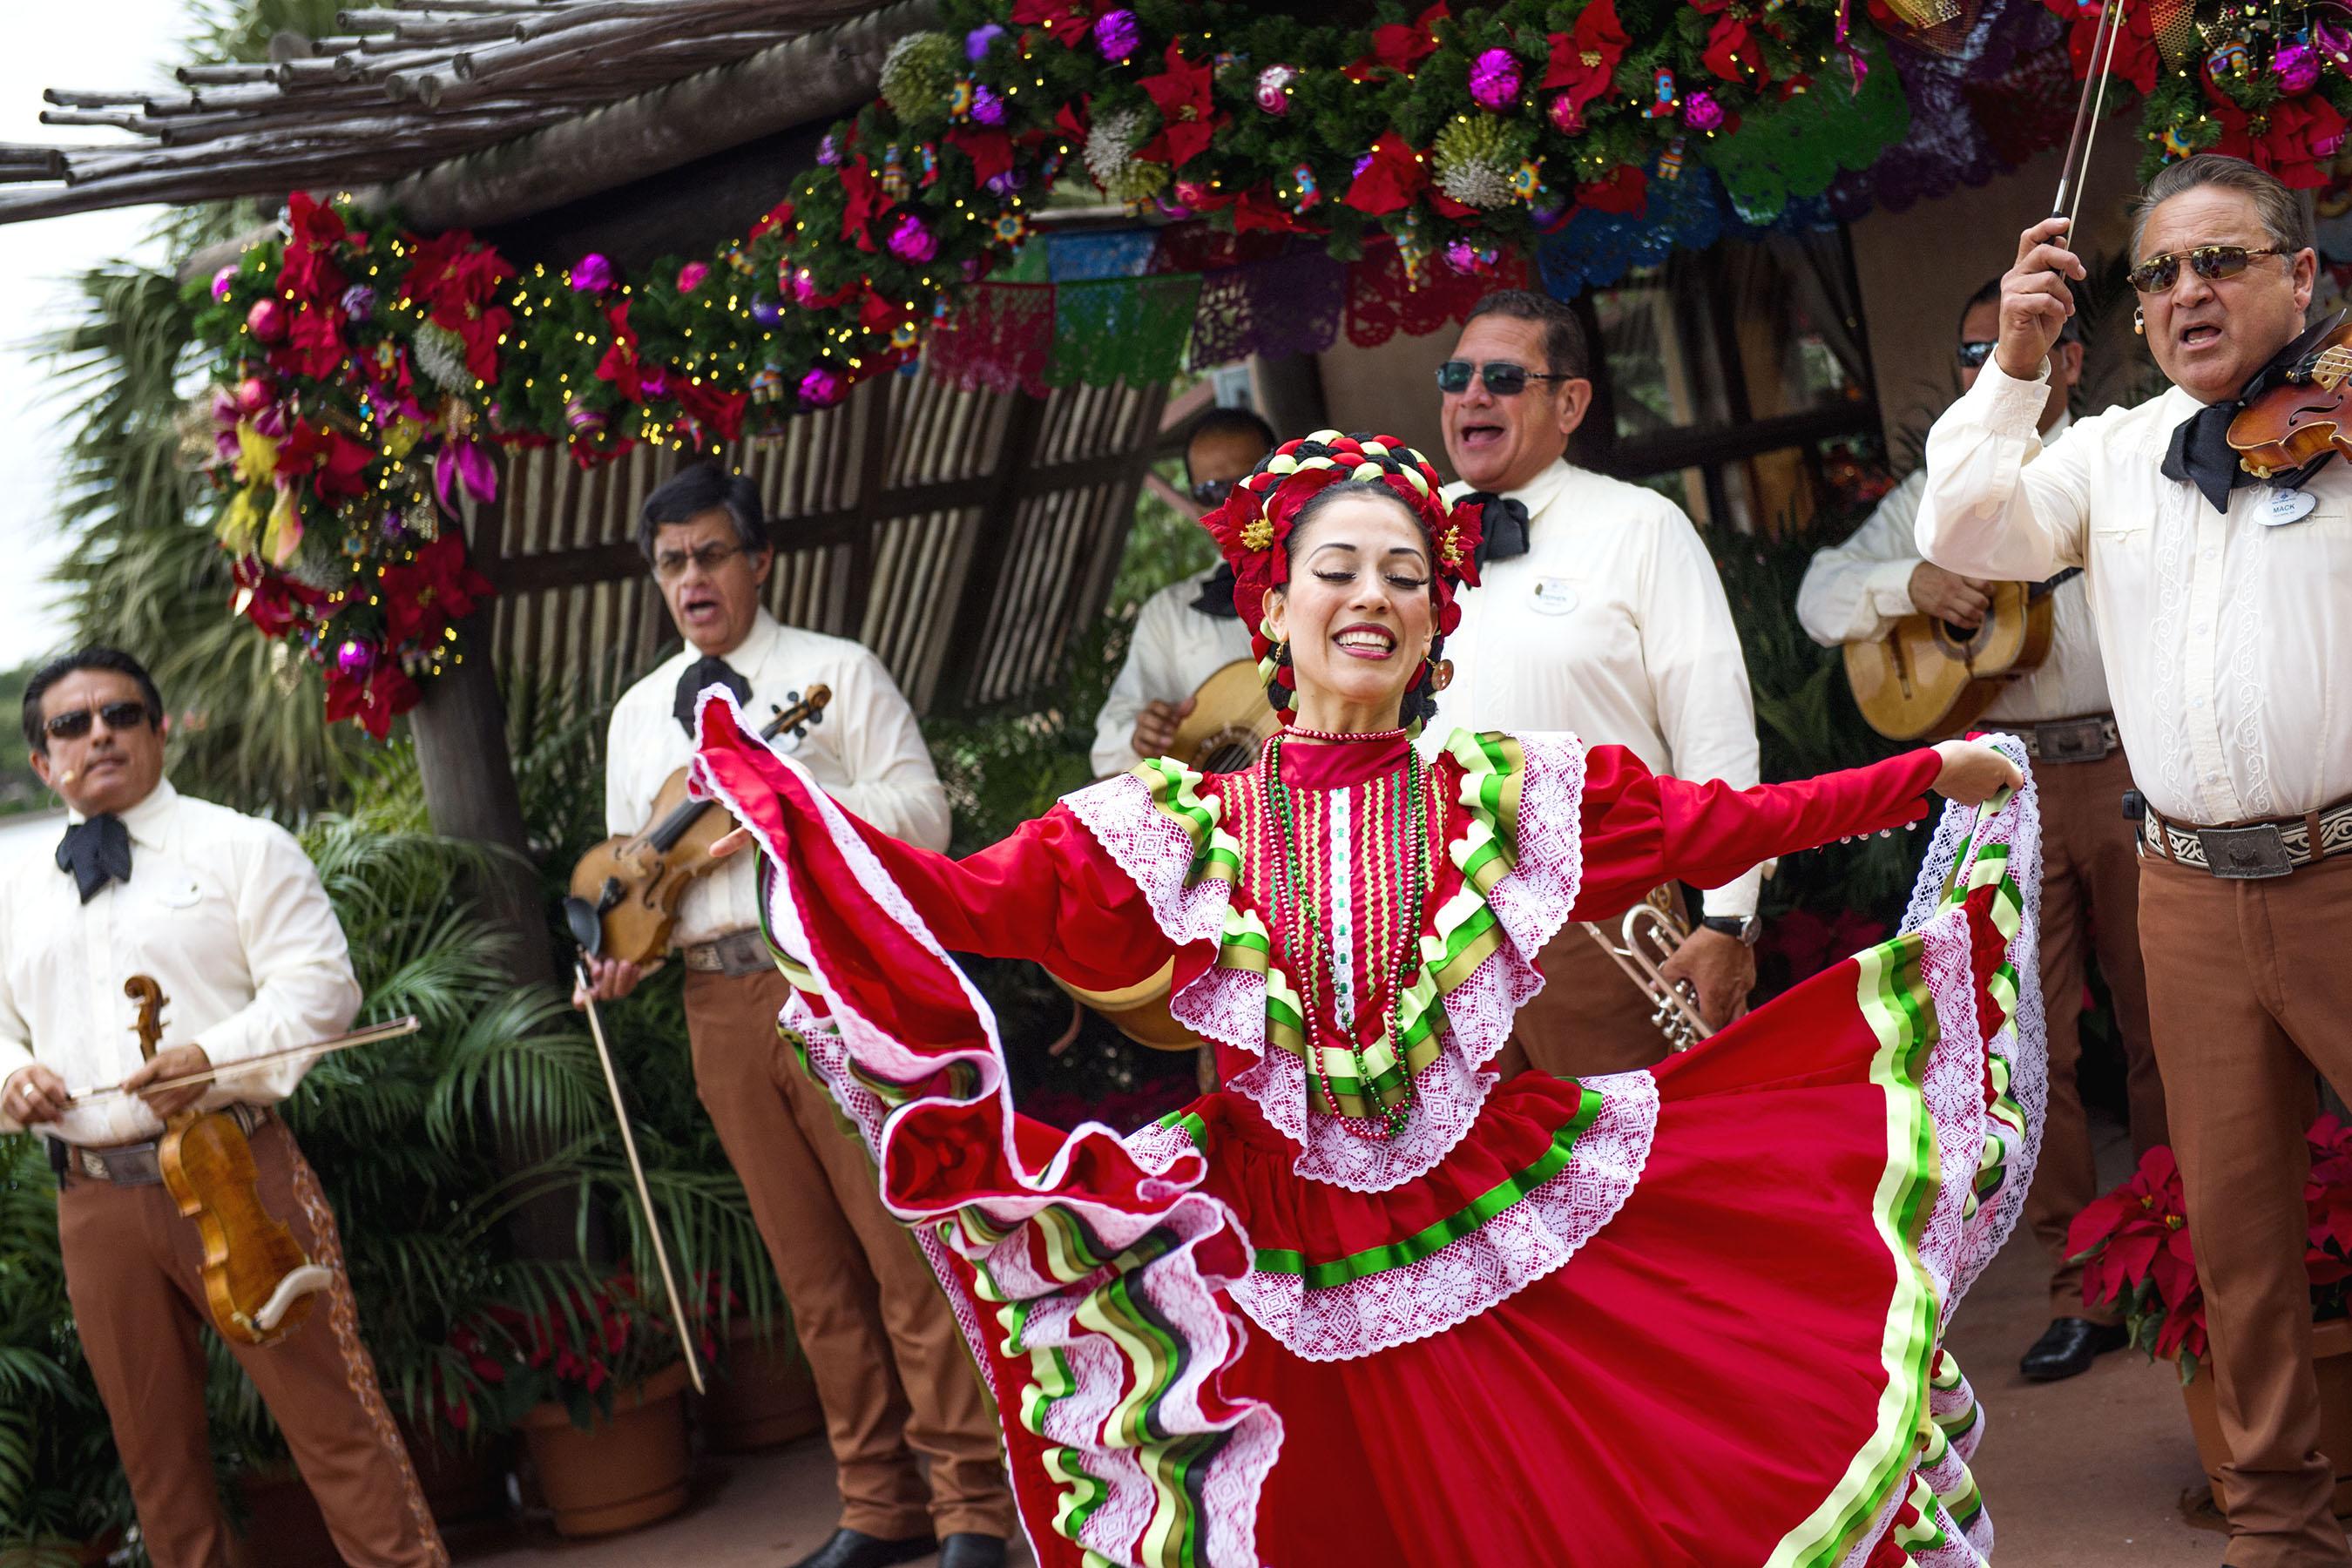 Holidays Around the World Mexico Pavilion